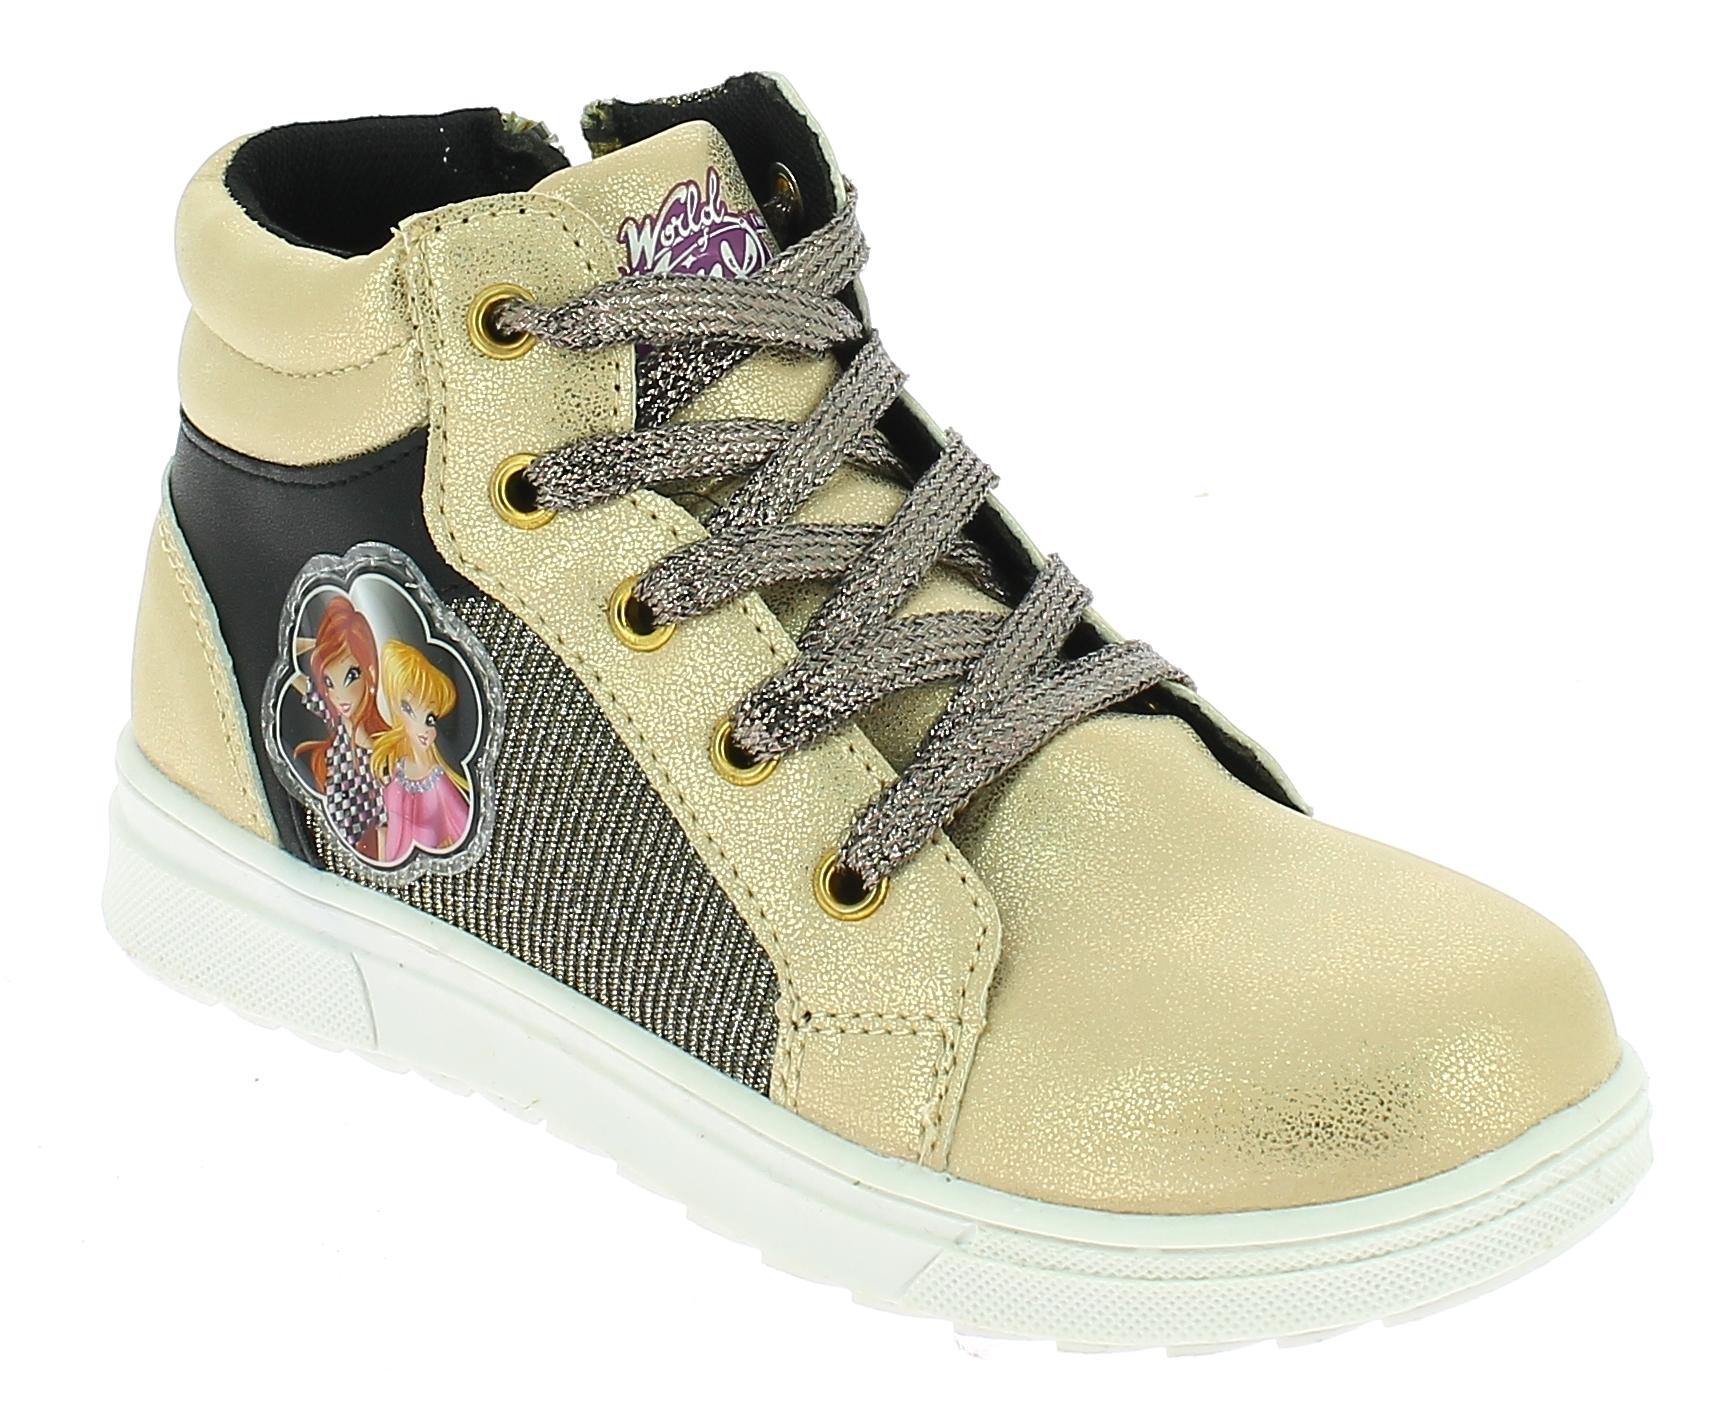 a5f1490a26d Αθλητικά Παιδικά Παπούτσια για Κορίτσια - Oneiros.gr